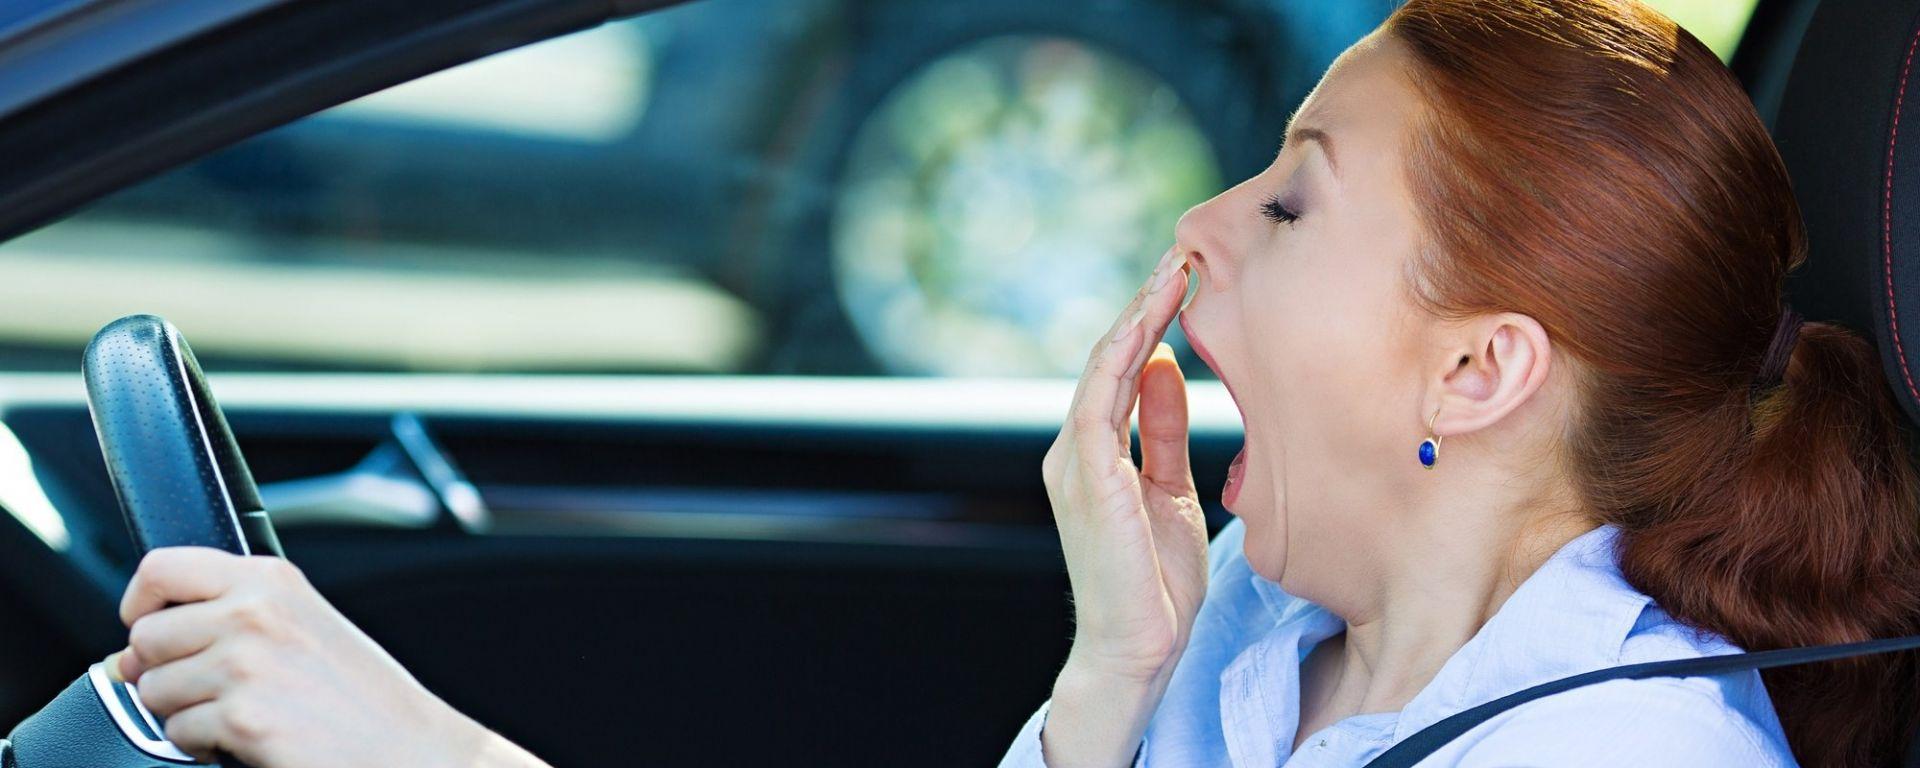 Colpo di sonno, spesso all'origine è il fenomeno delle apnee notturne